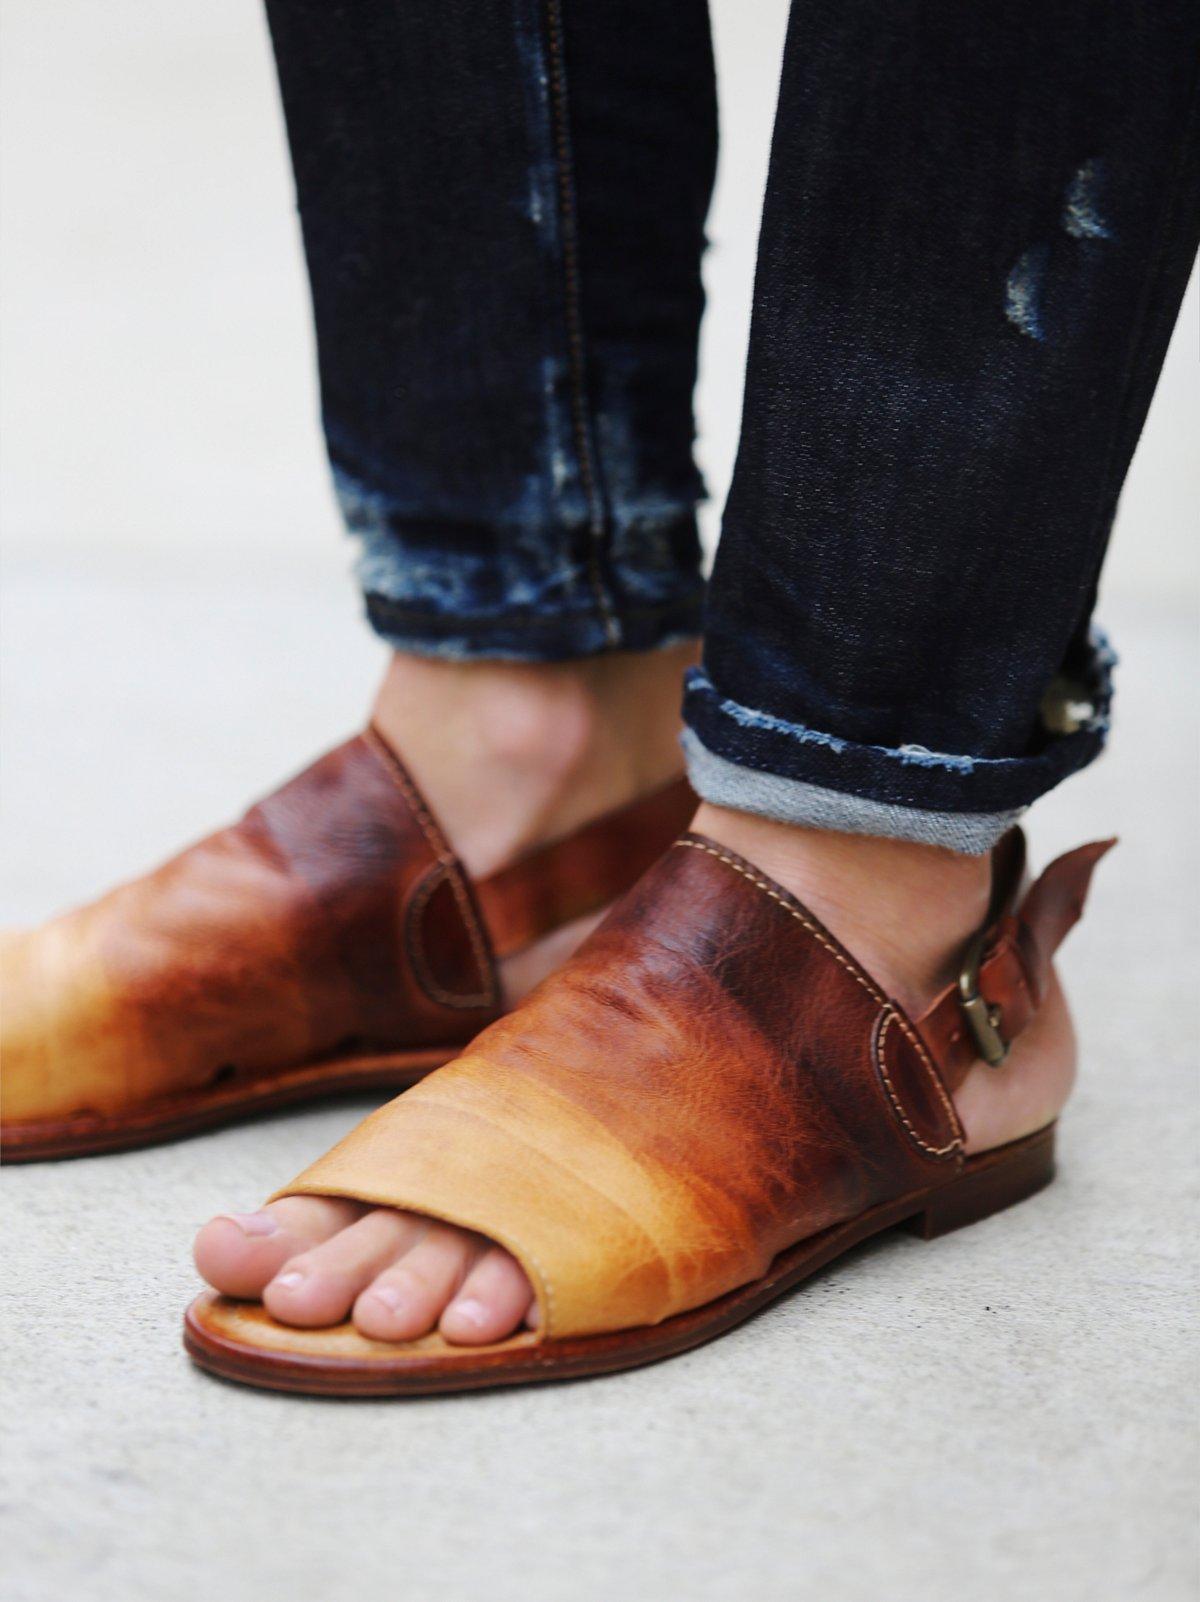 Carolina凉鞋